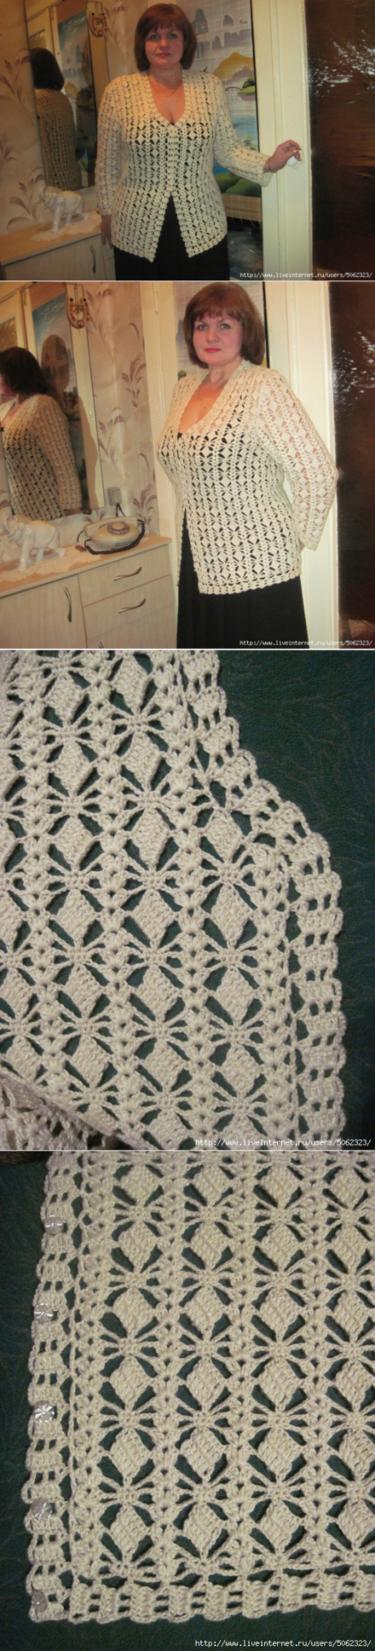 коллекция вышивка вязание пользователя Koshevogo9 85 в яндекс